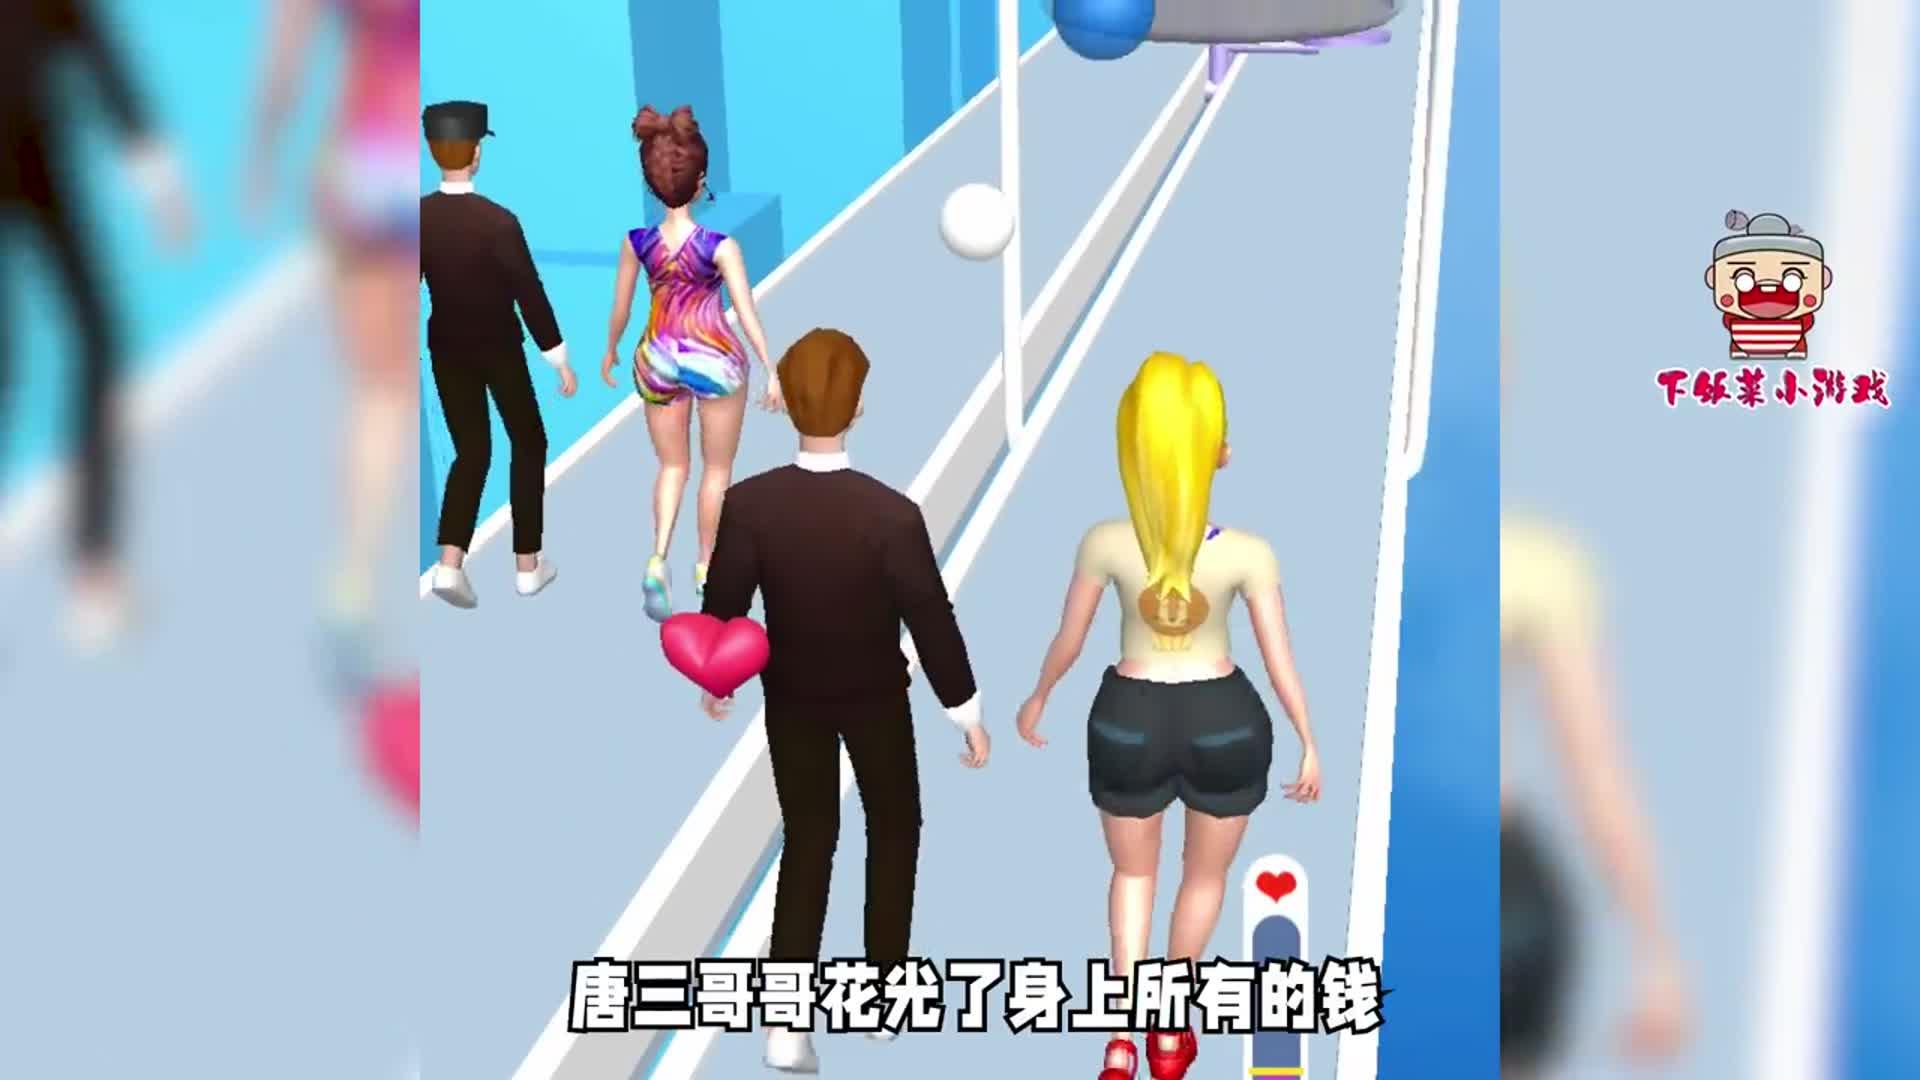 兄弟加把劲:小舞要去天桥上赏月,唐三把朱竹清的礼物调包了!